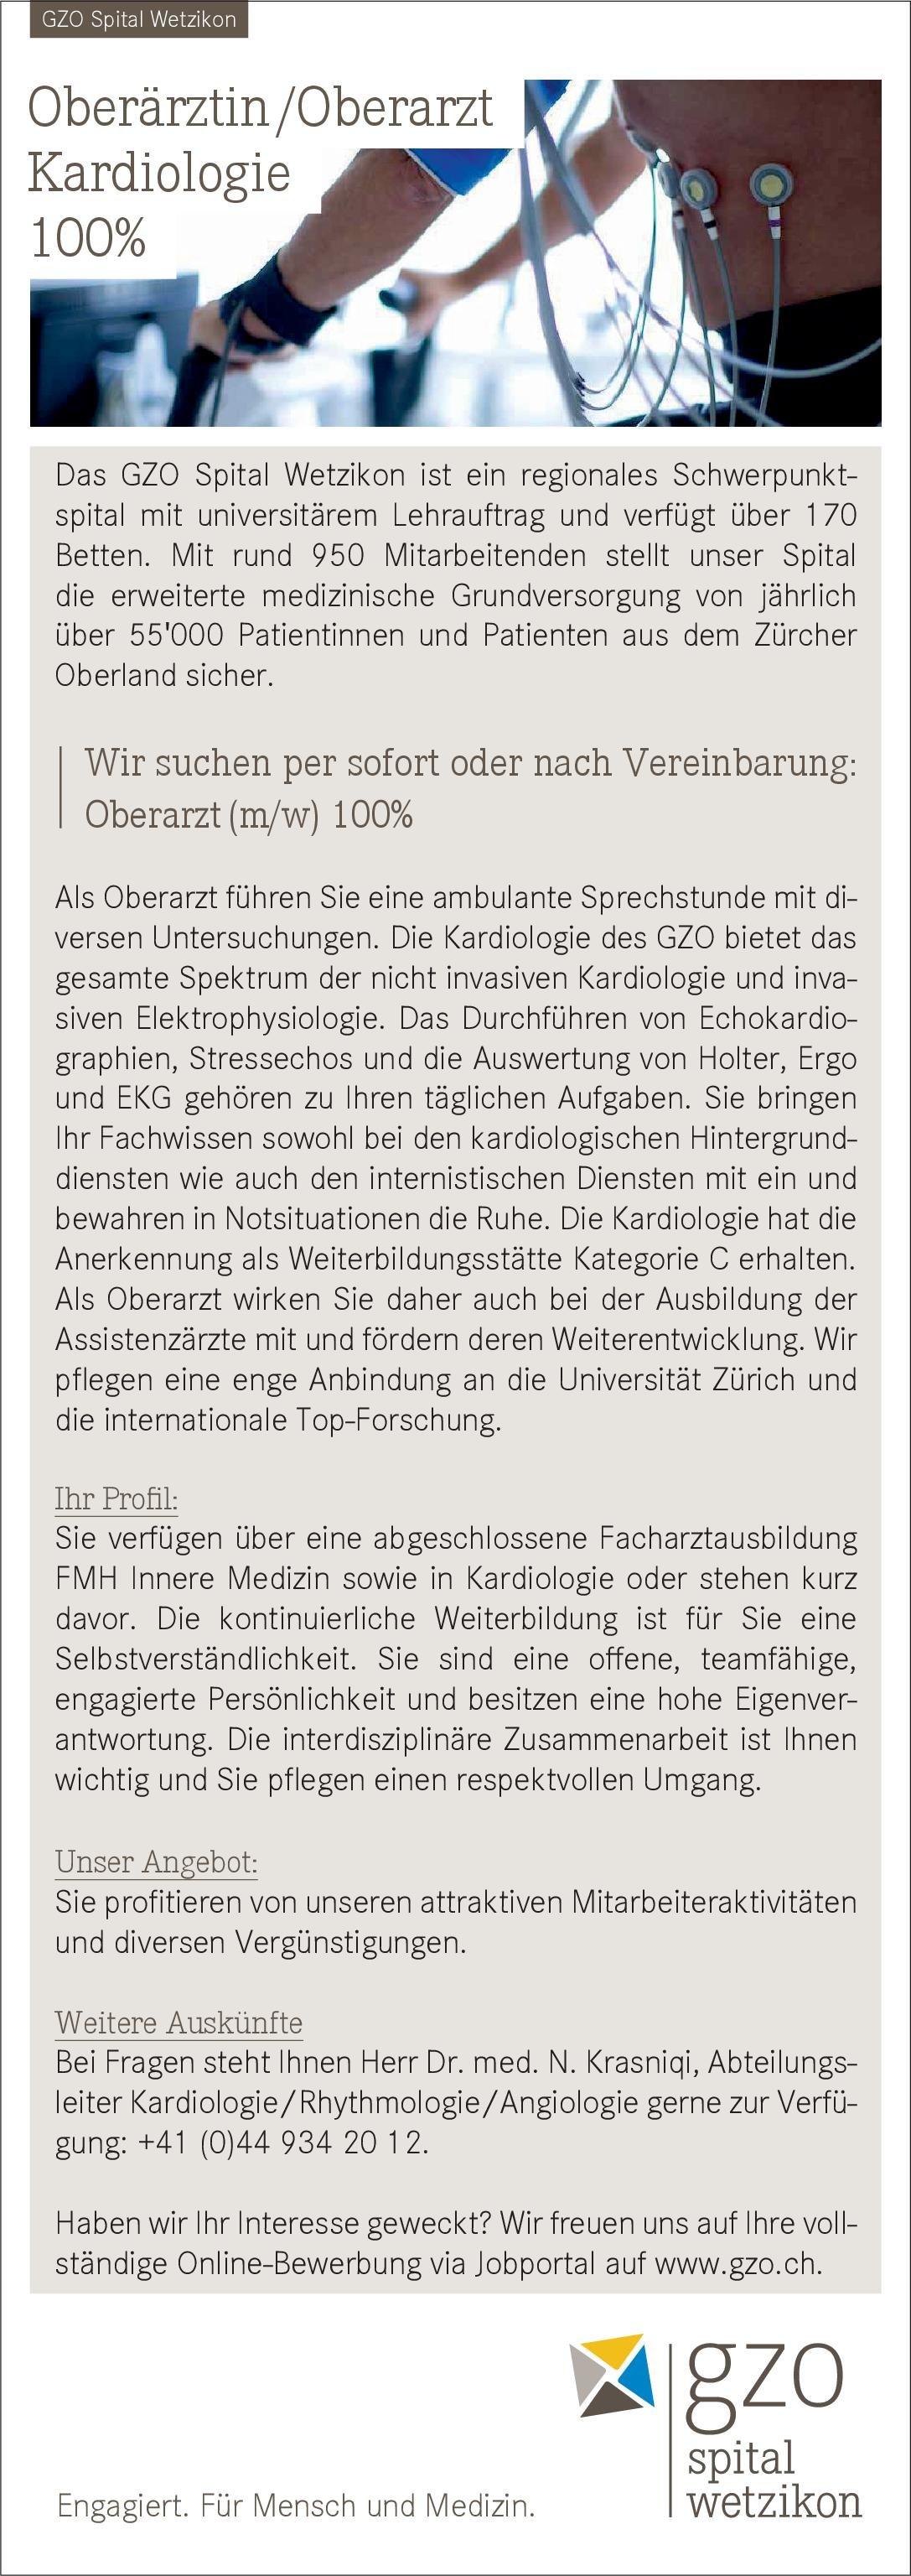 GZO Spital Wetzikon Oberarzt (m/w) 100% Innere Medizin - Kardiologie  Innere Medizin und Kardiologie, Innere Medizin Oberarzt